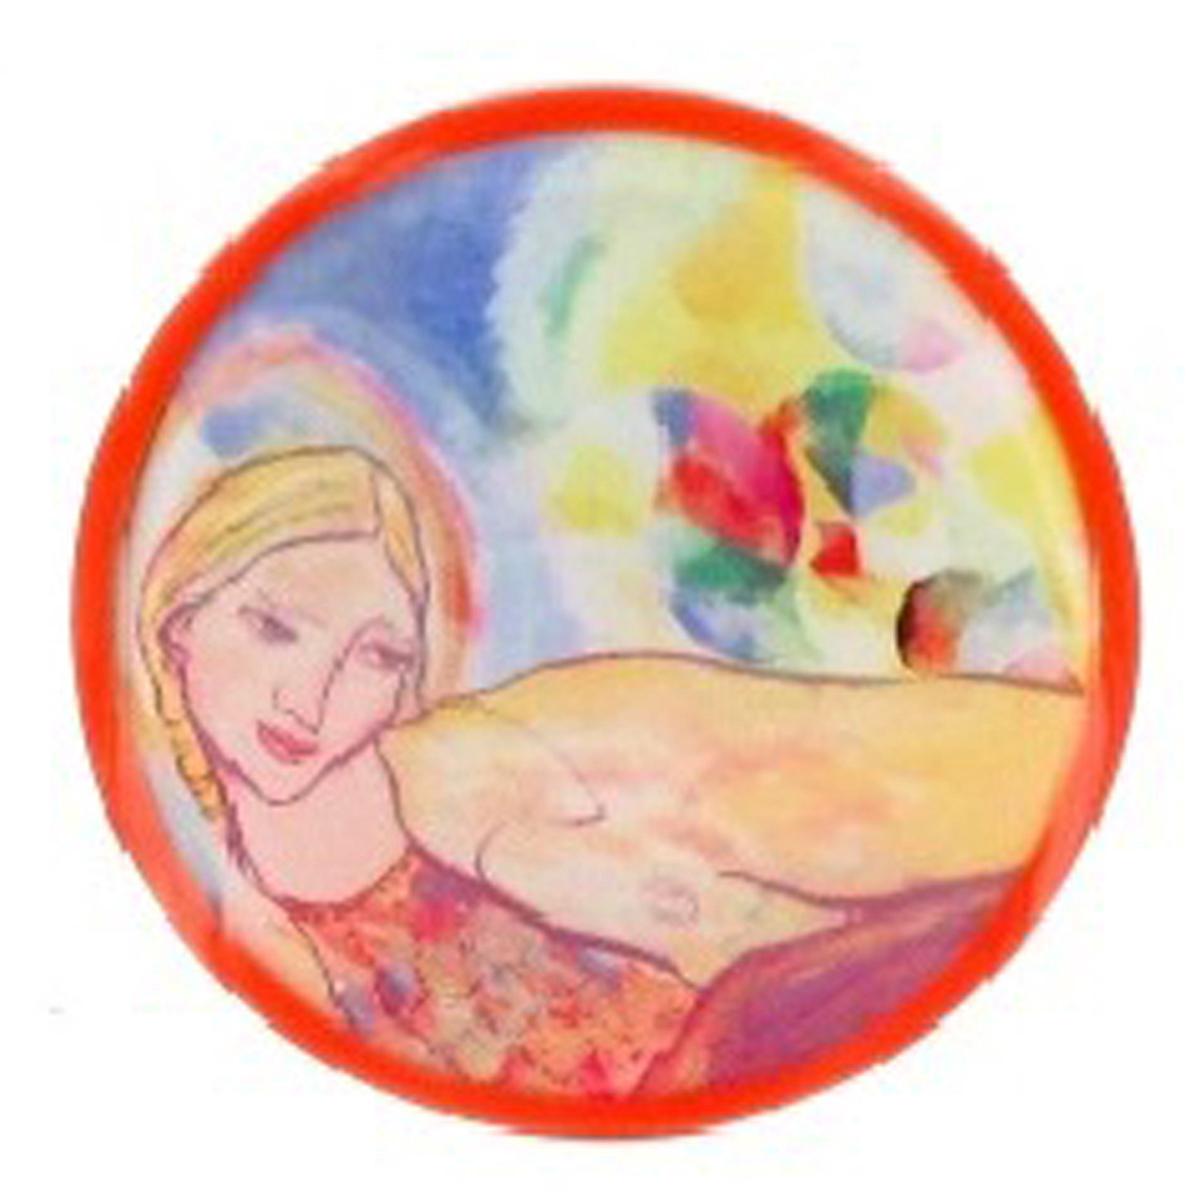 Broche artisanale \'Mistinguette\' orange multicolore - 60 mm - [R4272]